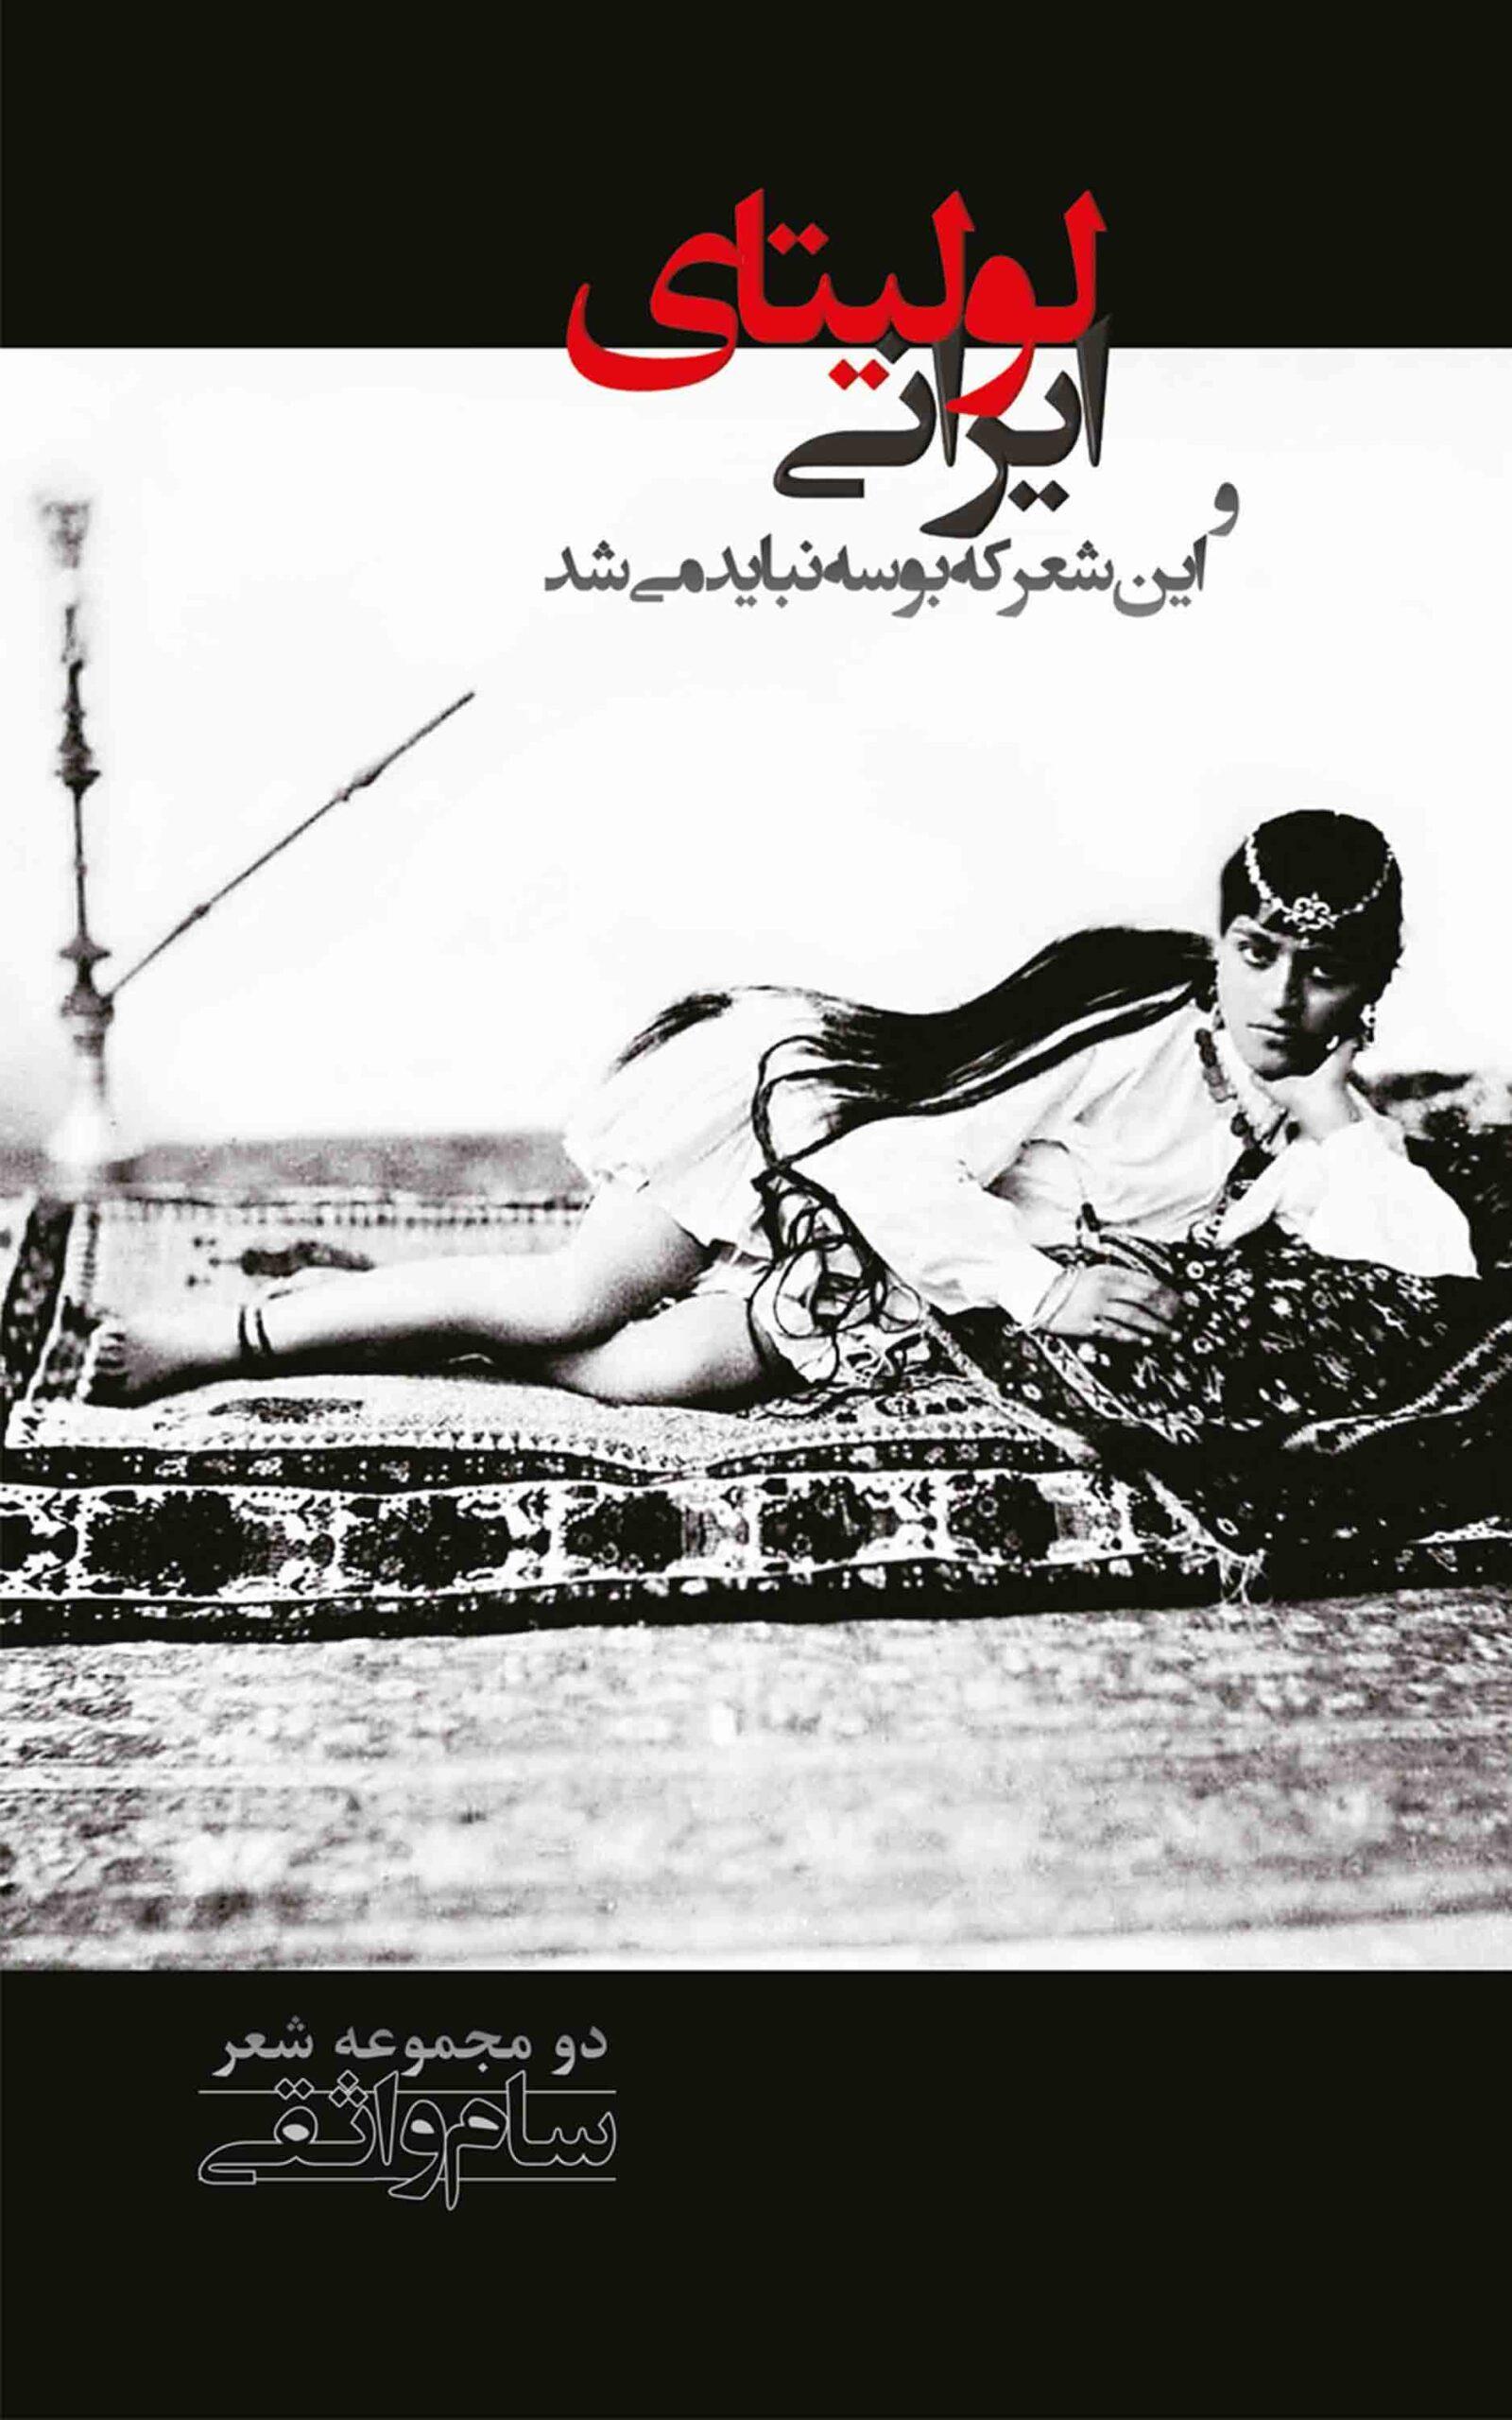 lolitaye irani